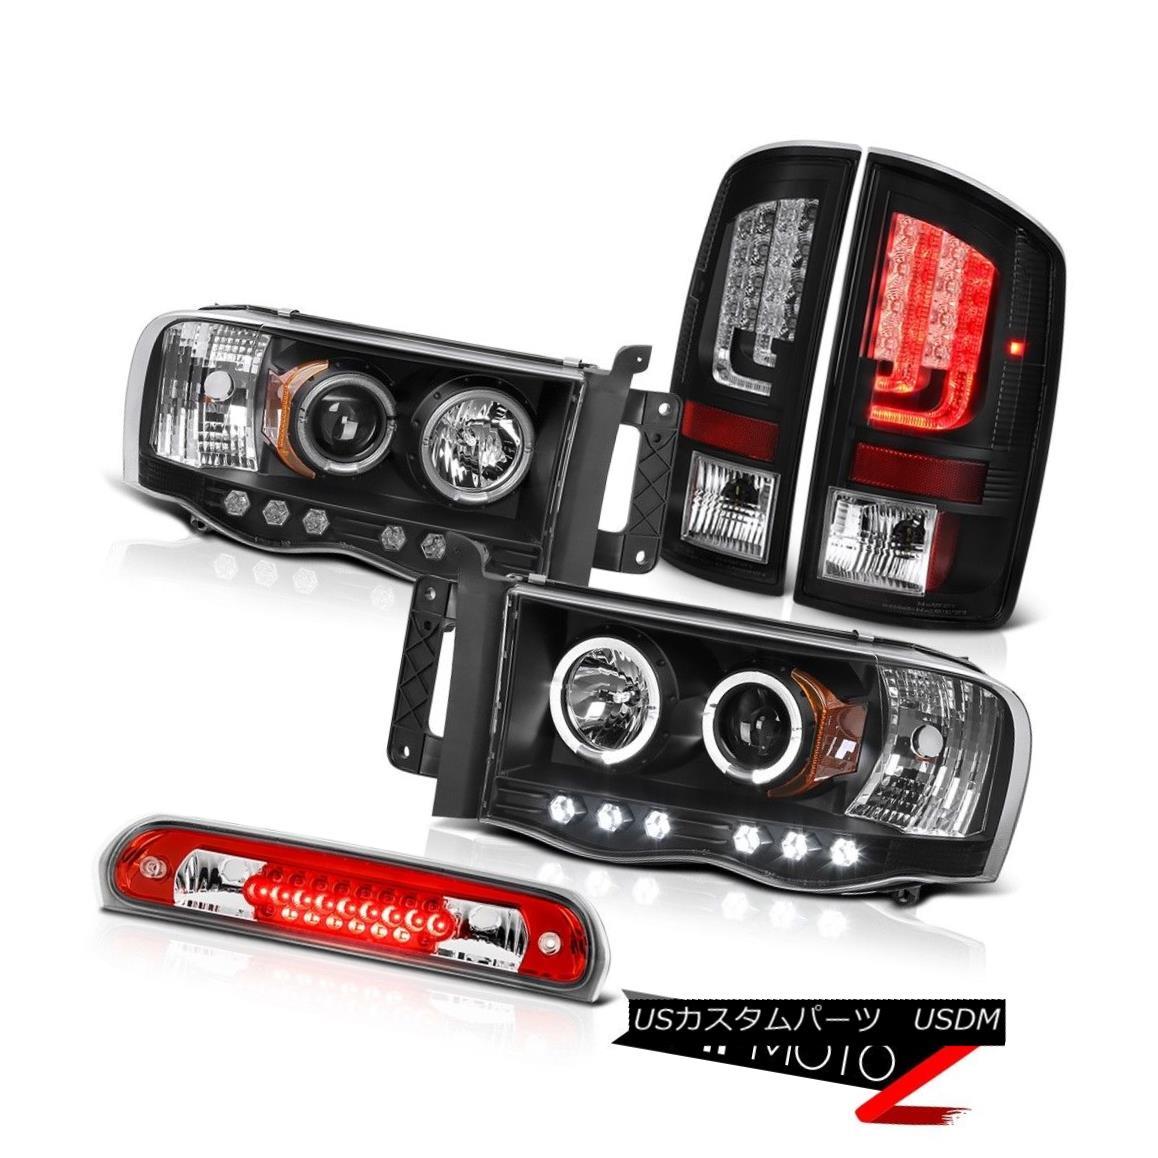 テールライト 02-05 Ram 1500 2500 3500 5.9L Rear Brake Lights Headlights Roof Light Dual Halo 02-05 Ram 1500 2500 3500 5.9Lリアブレーキライトヘッドライトルーフライトデュアルヘイロー